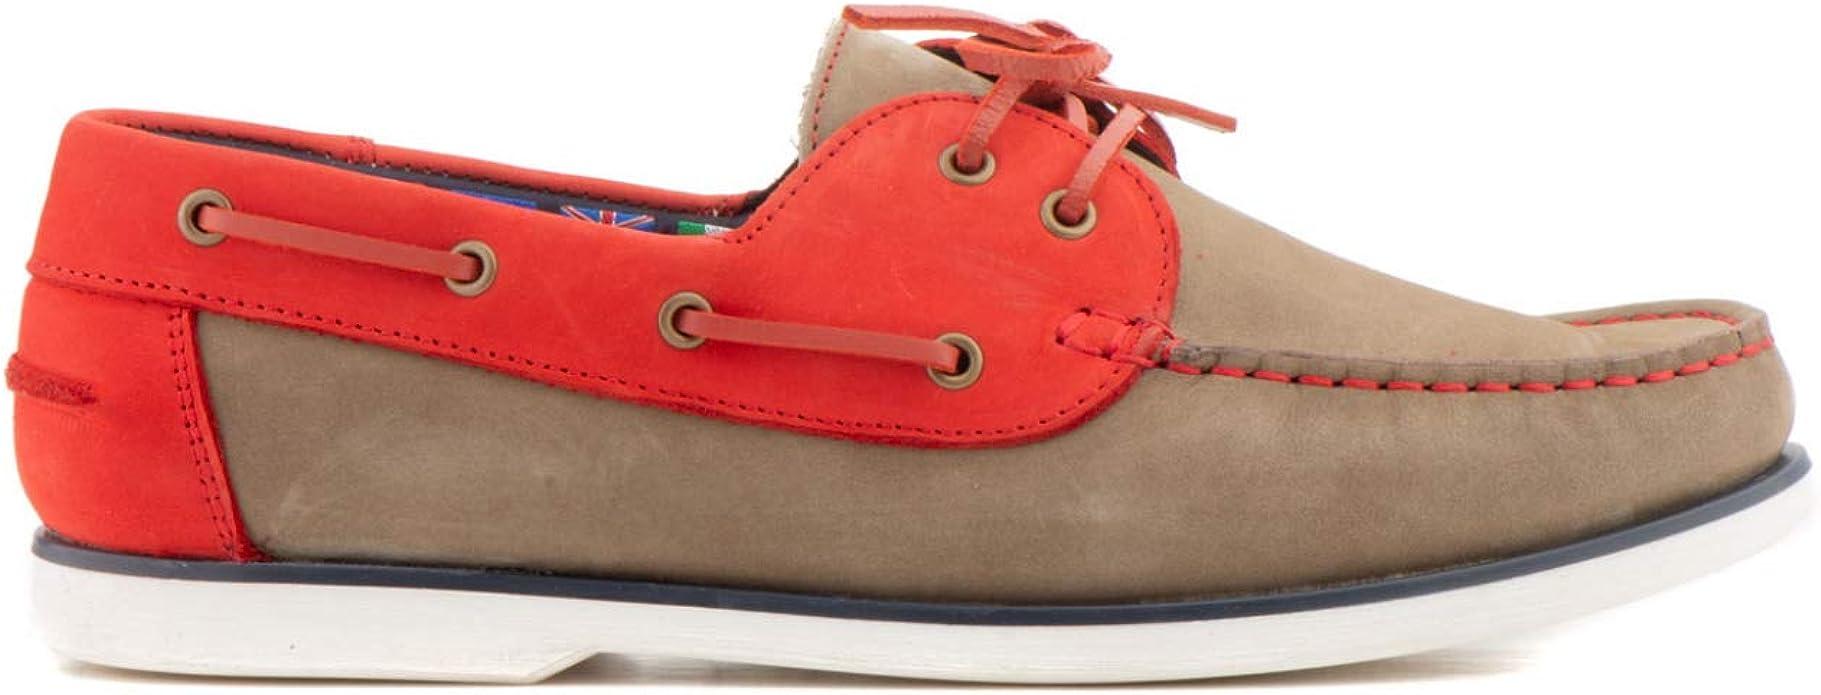 Naútico Dylan Rojo -Harrison & Co- -Hecho en España-: Amazon.es: Zapatos y complementos